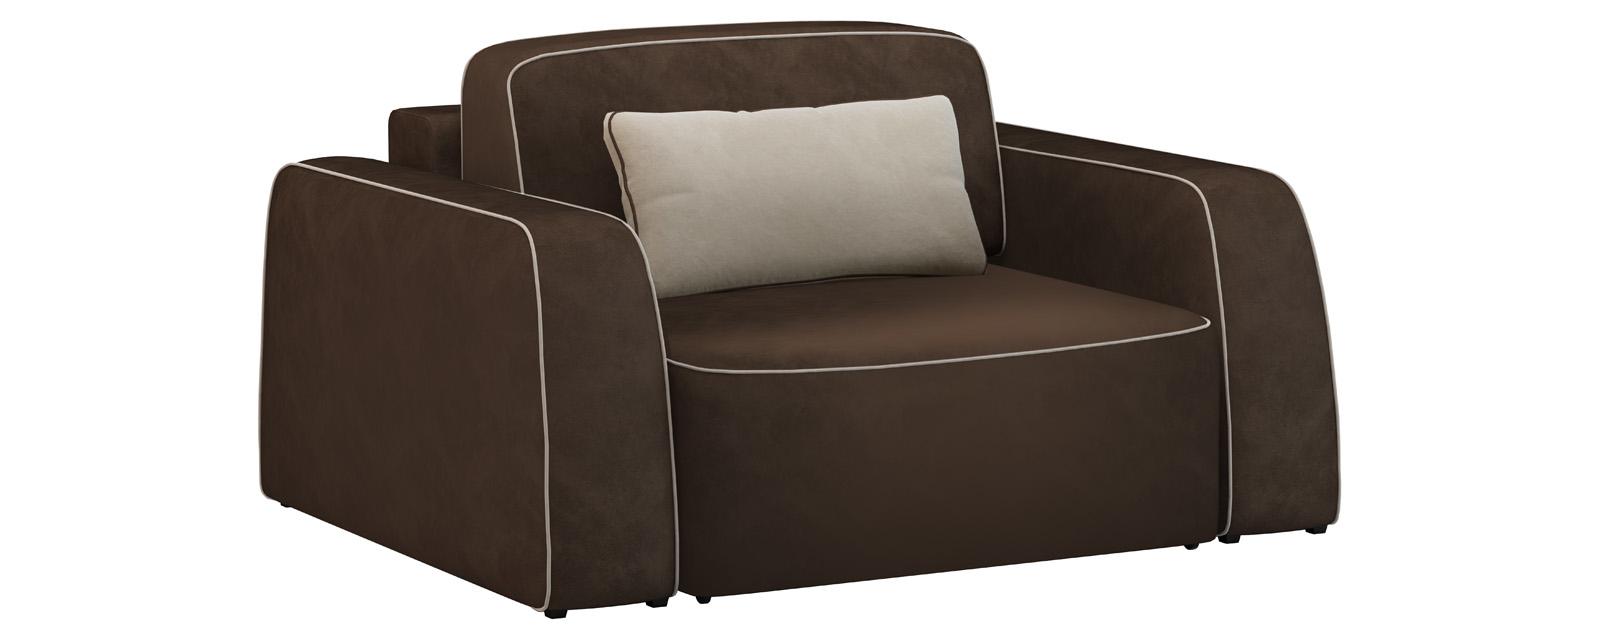 Кресло тканевое Портленд 100 см Velure темно-коричневый/бежевый (Велюр) от HomeMe.ru